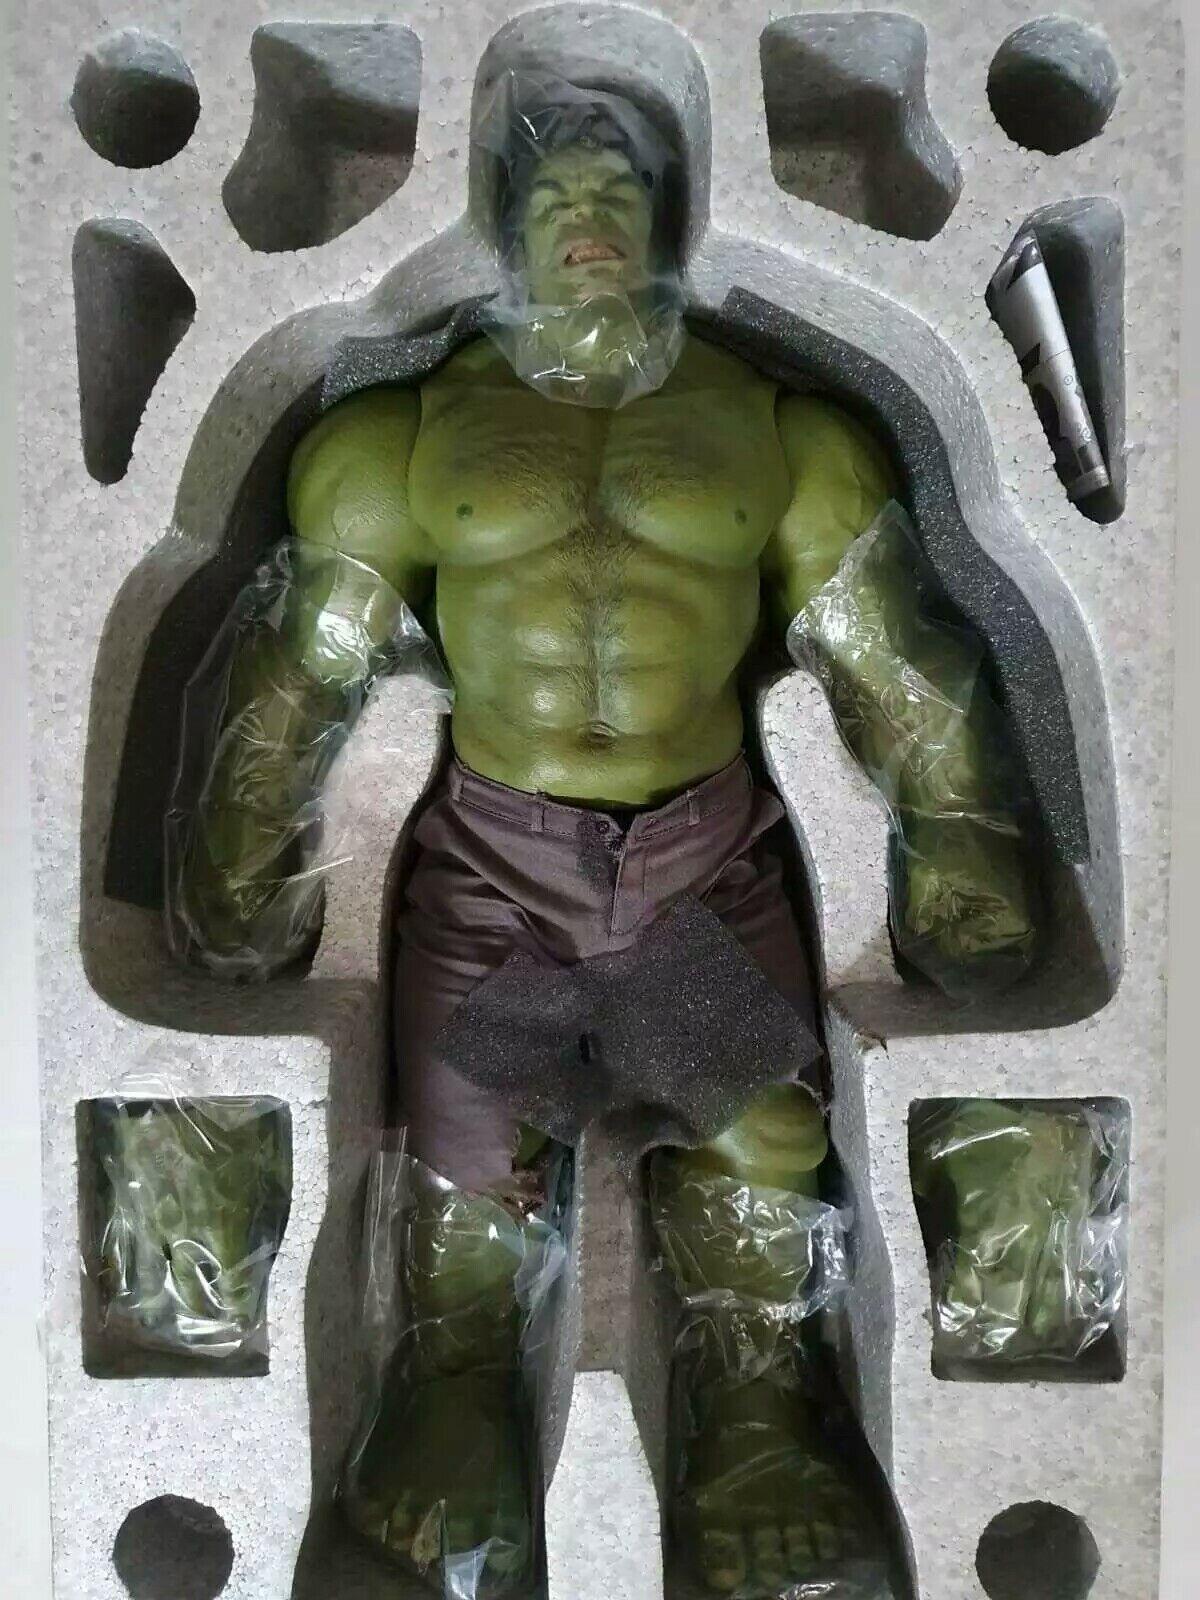 Hulk The  Avengers MMS 186 caliente giocattoli 1 6 Scale  memorizzare